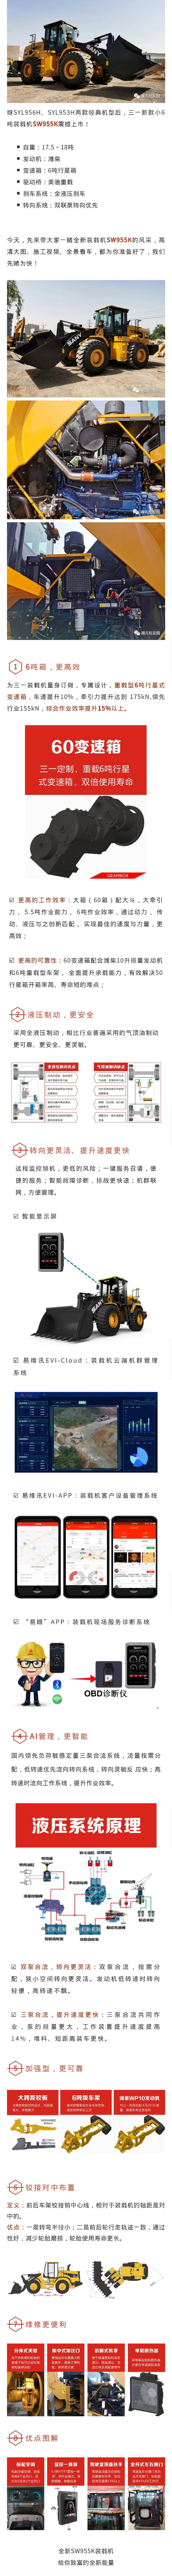 【新品】三一全新6噸裝載機SW955K上市!